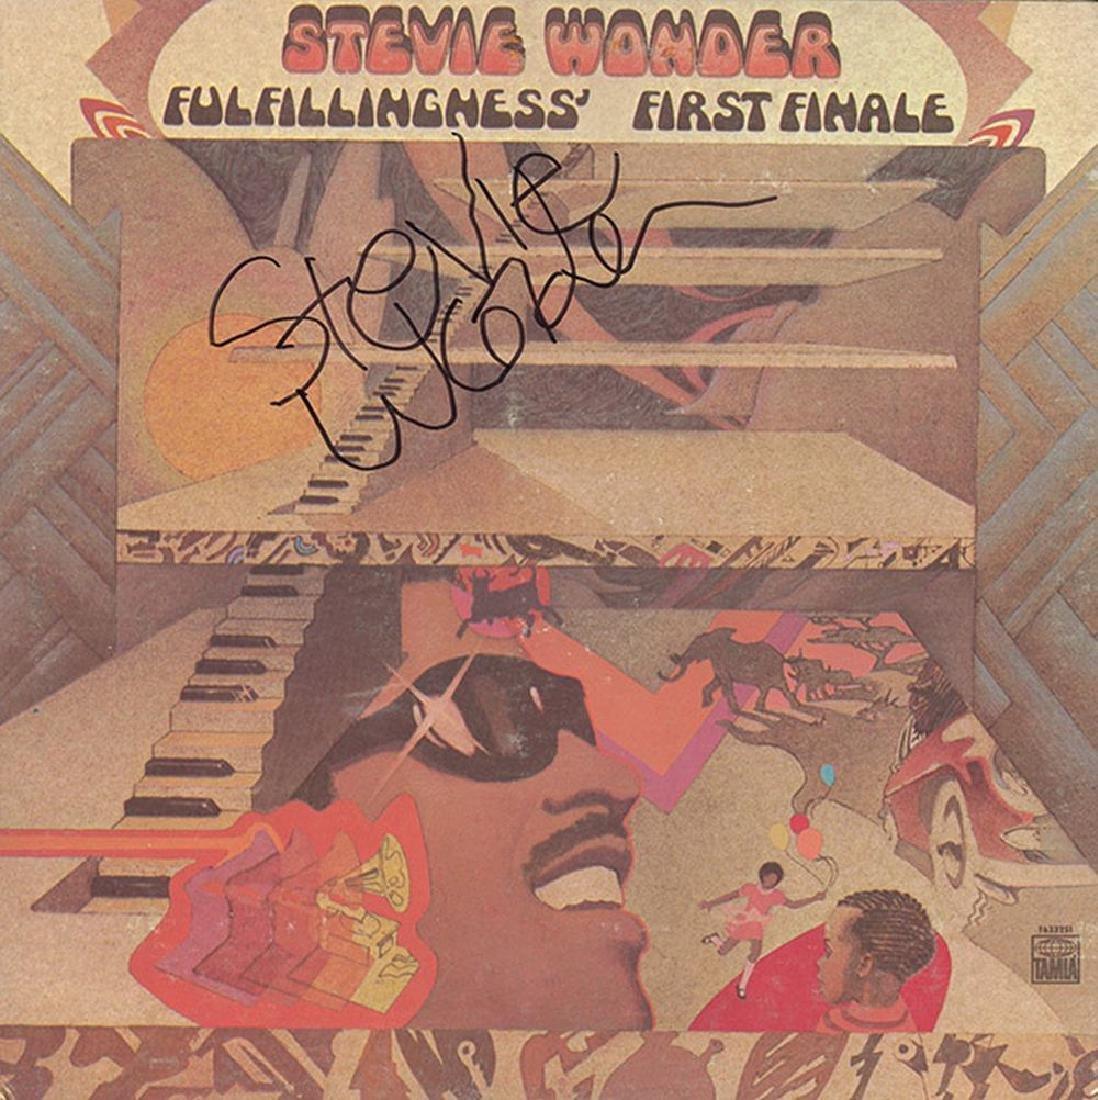 Stevie Wonder Signed Fulfillingness' First Finale Album